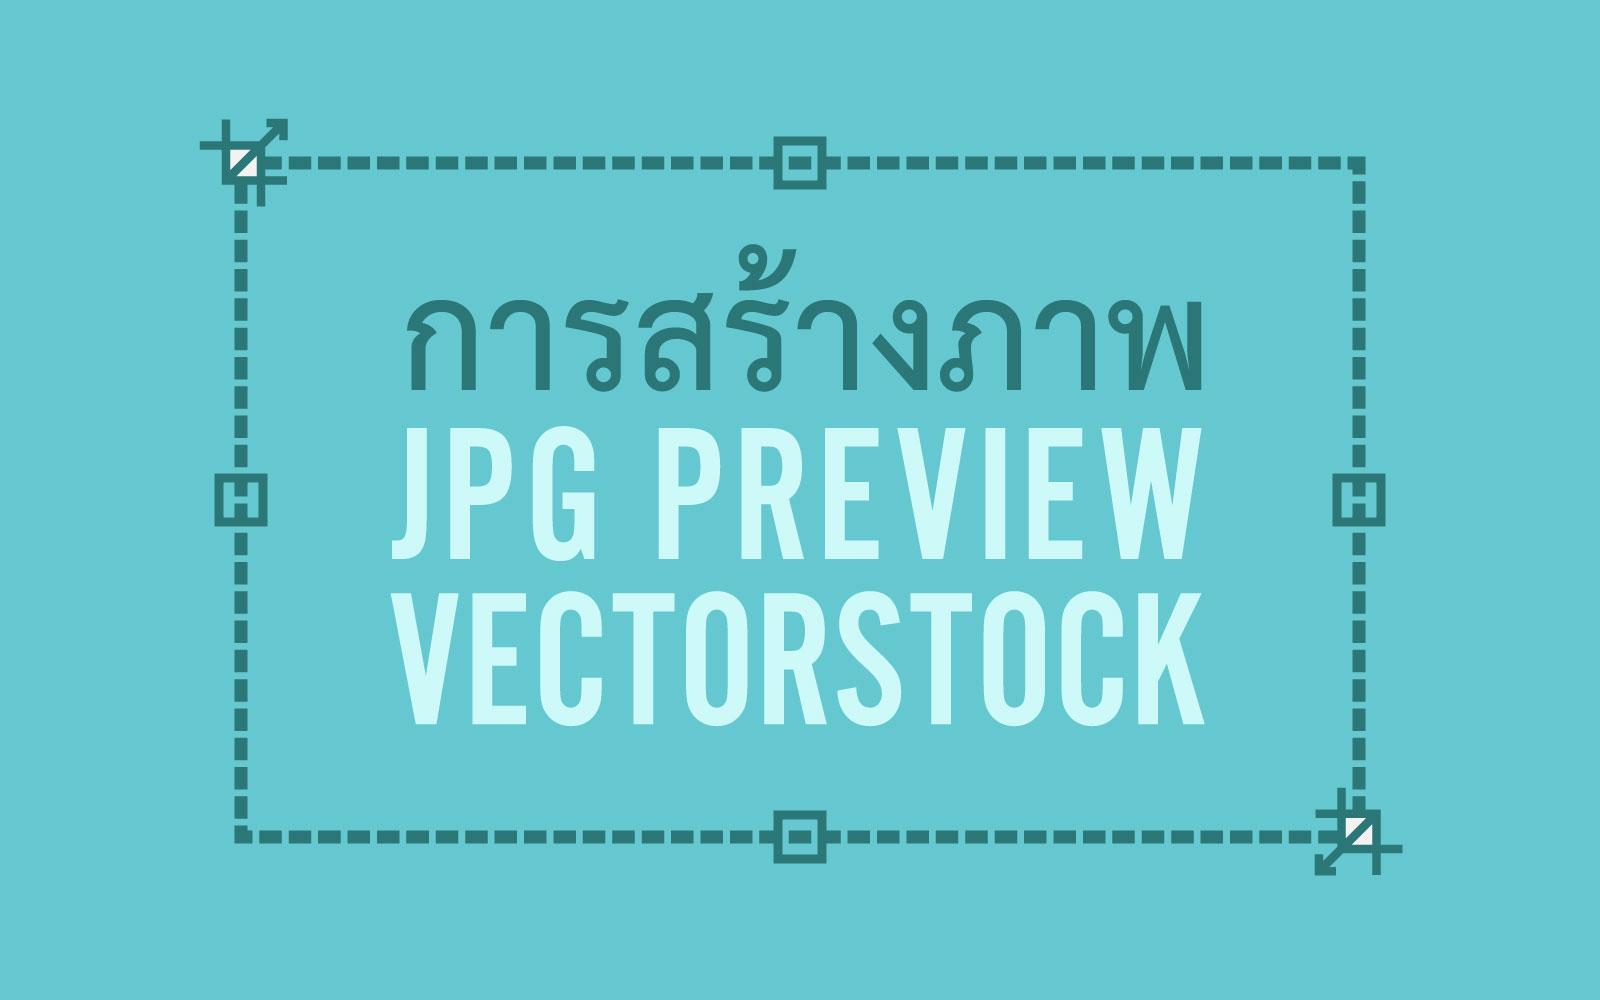 jpg-preview-vectorstock